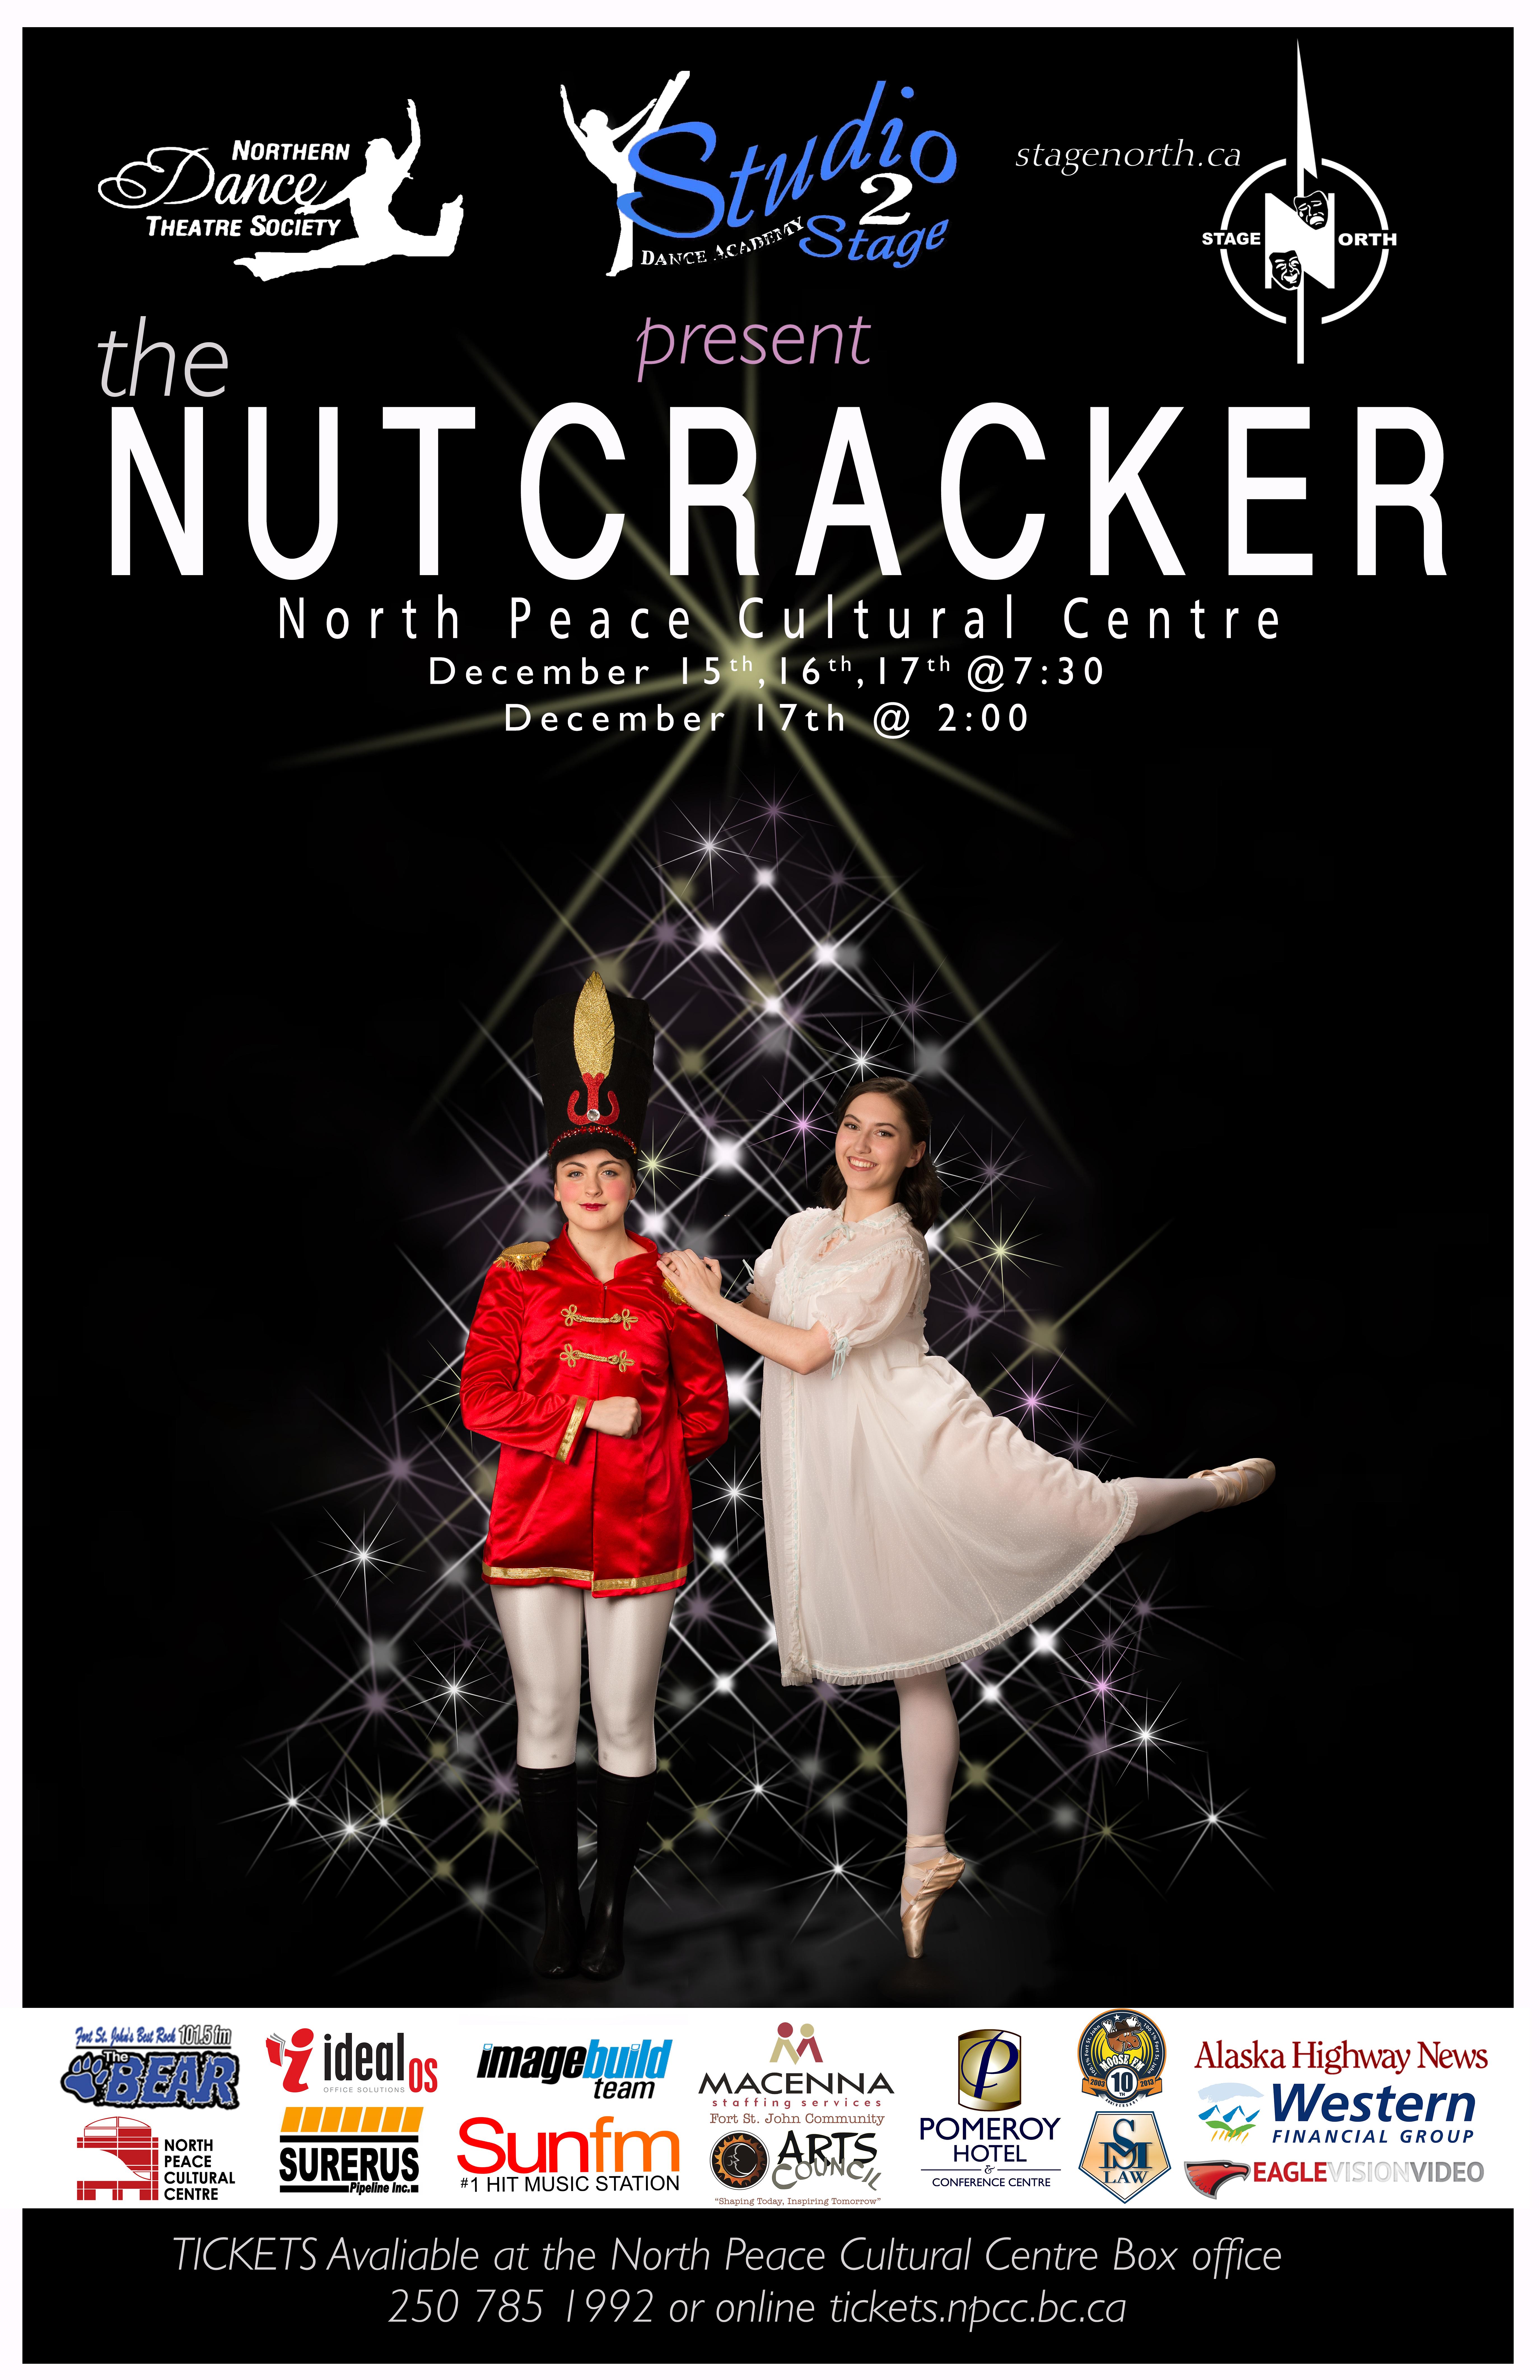 nutcracker-2016